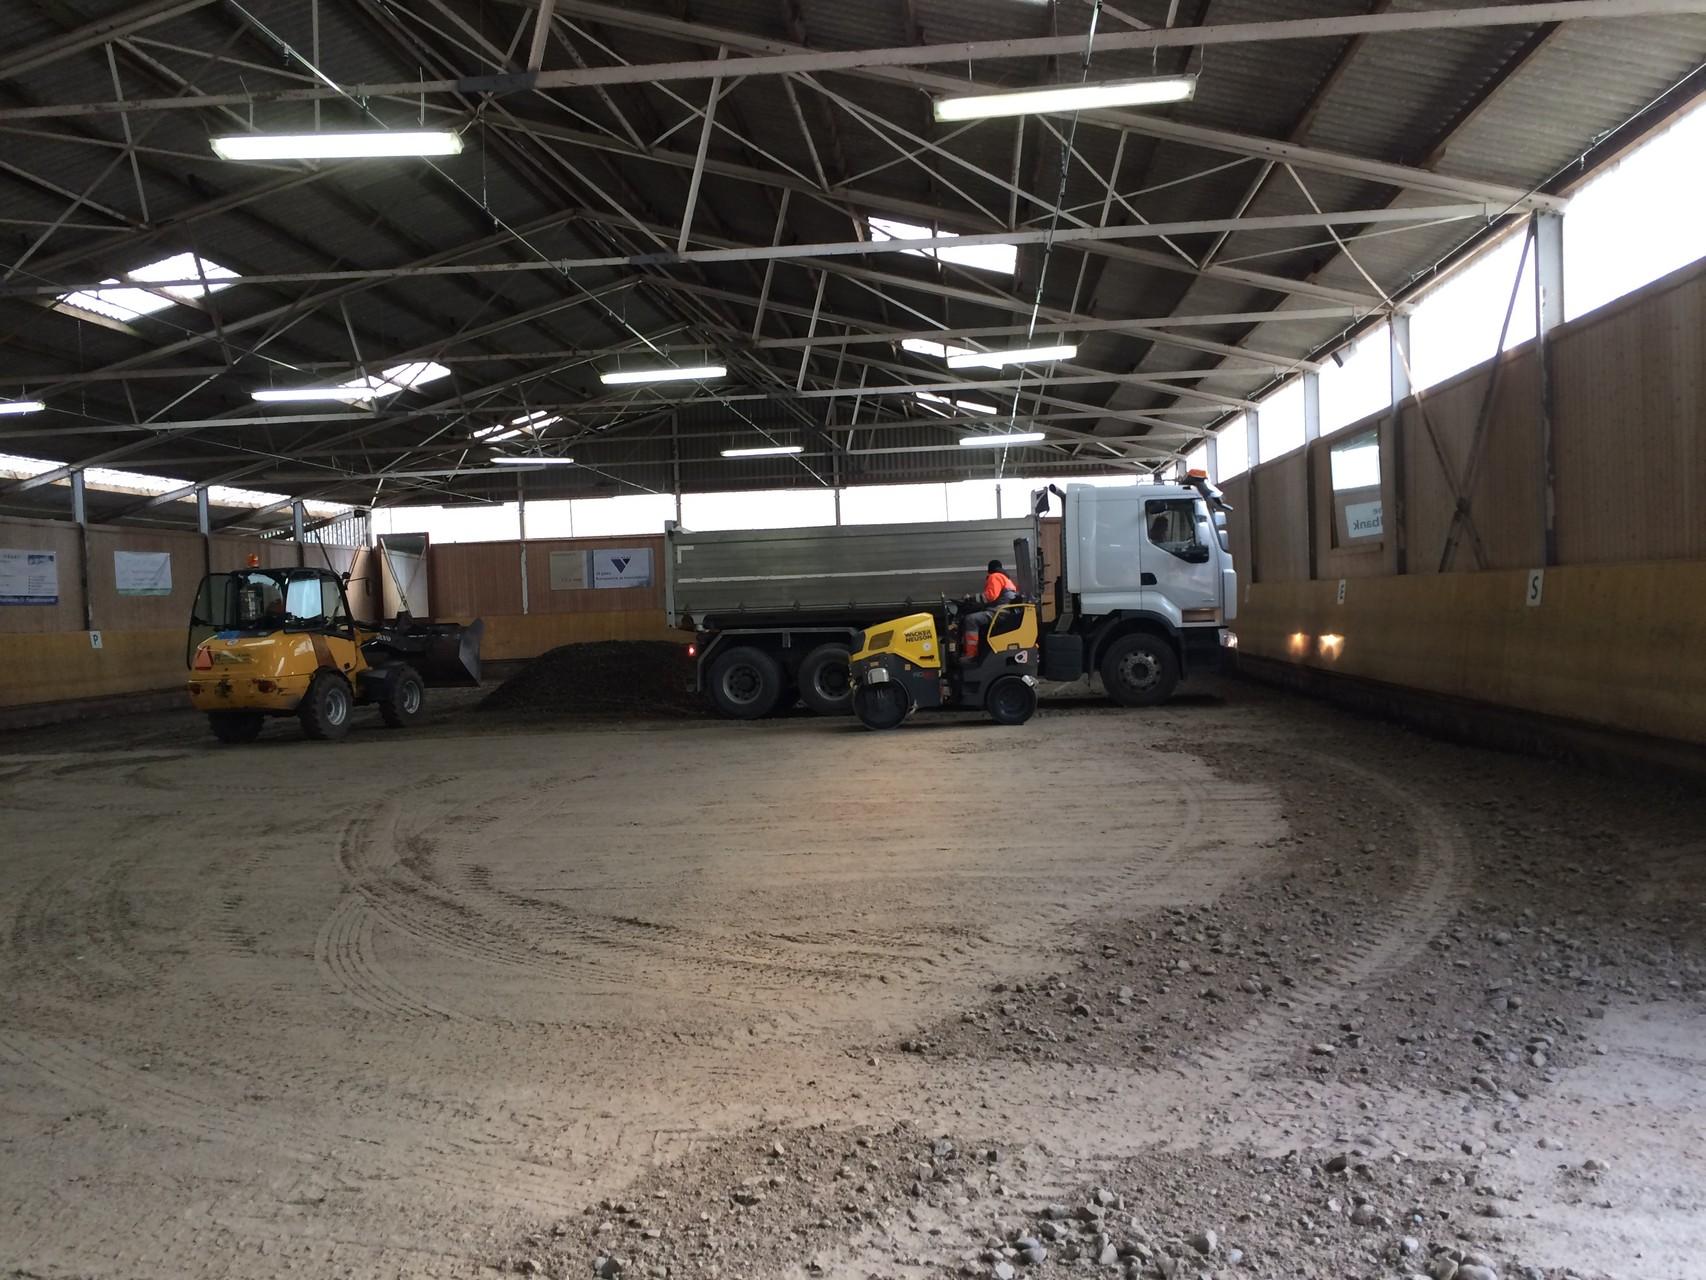 Das Kies wird mit Lastwagen direkt in die Halle geliefert.